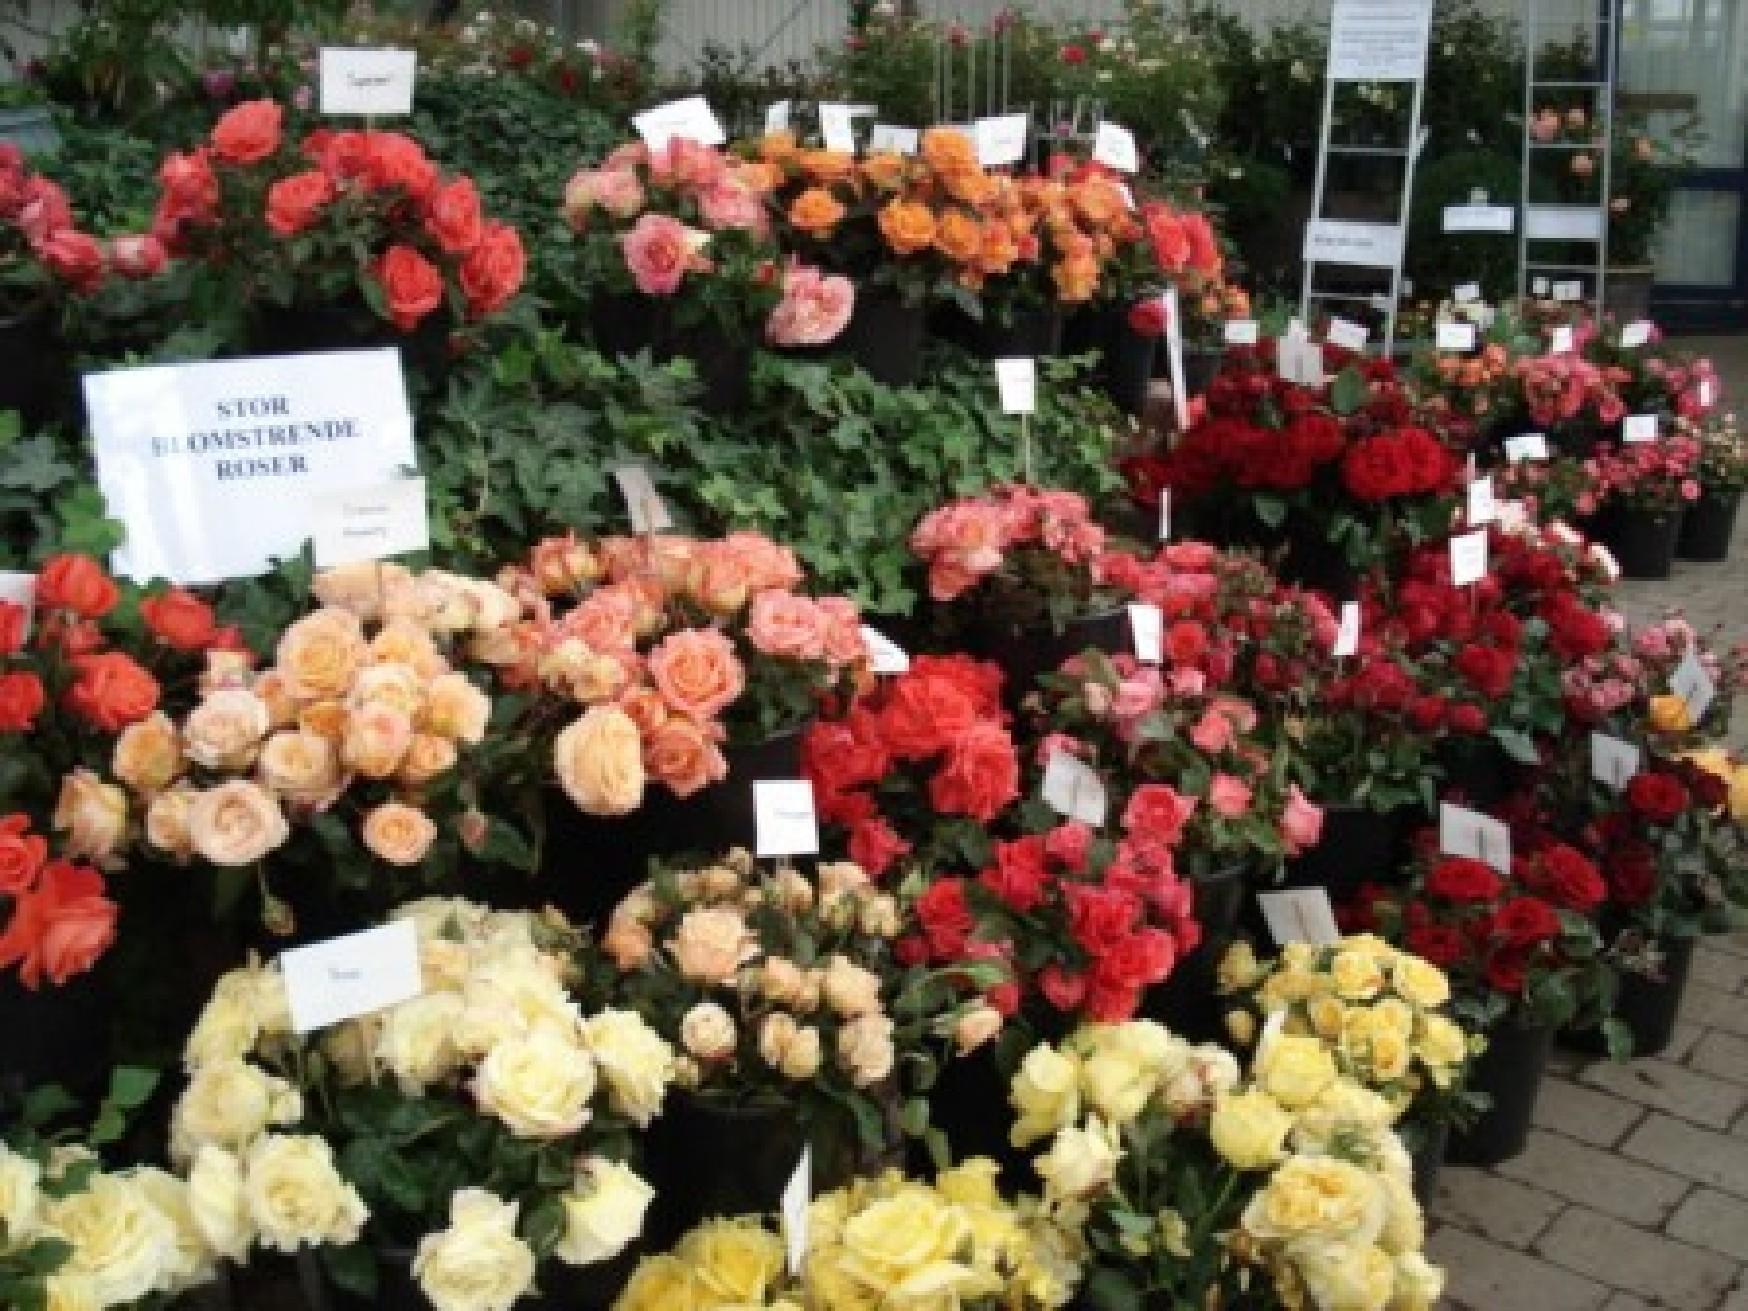 Afskårne Roser rosenudstilling - audebo havecenter